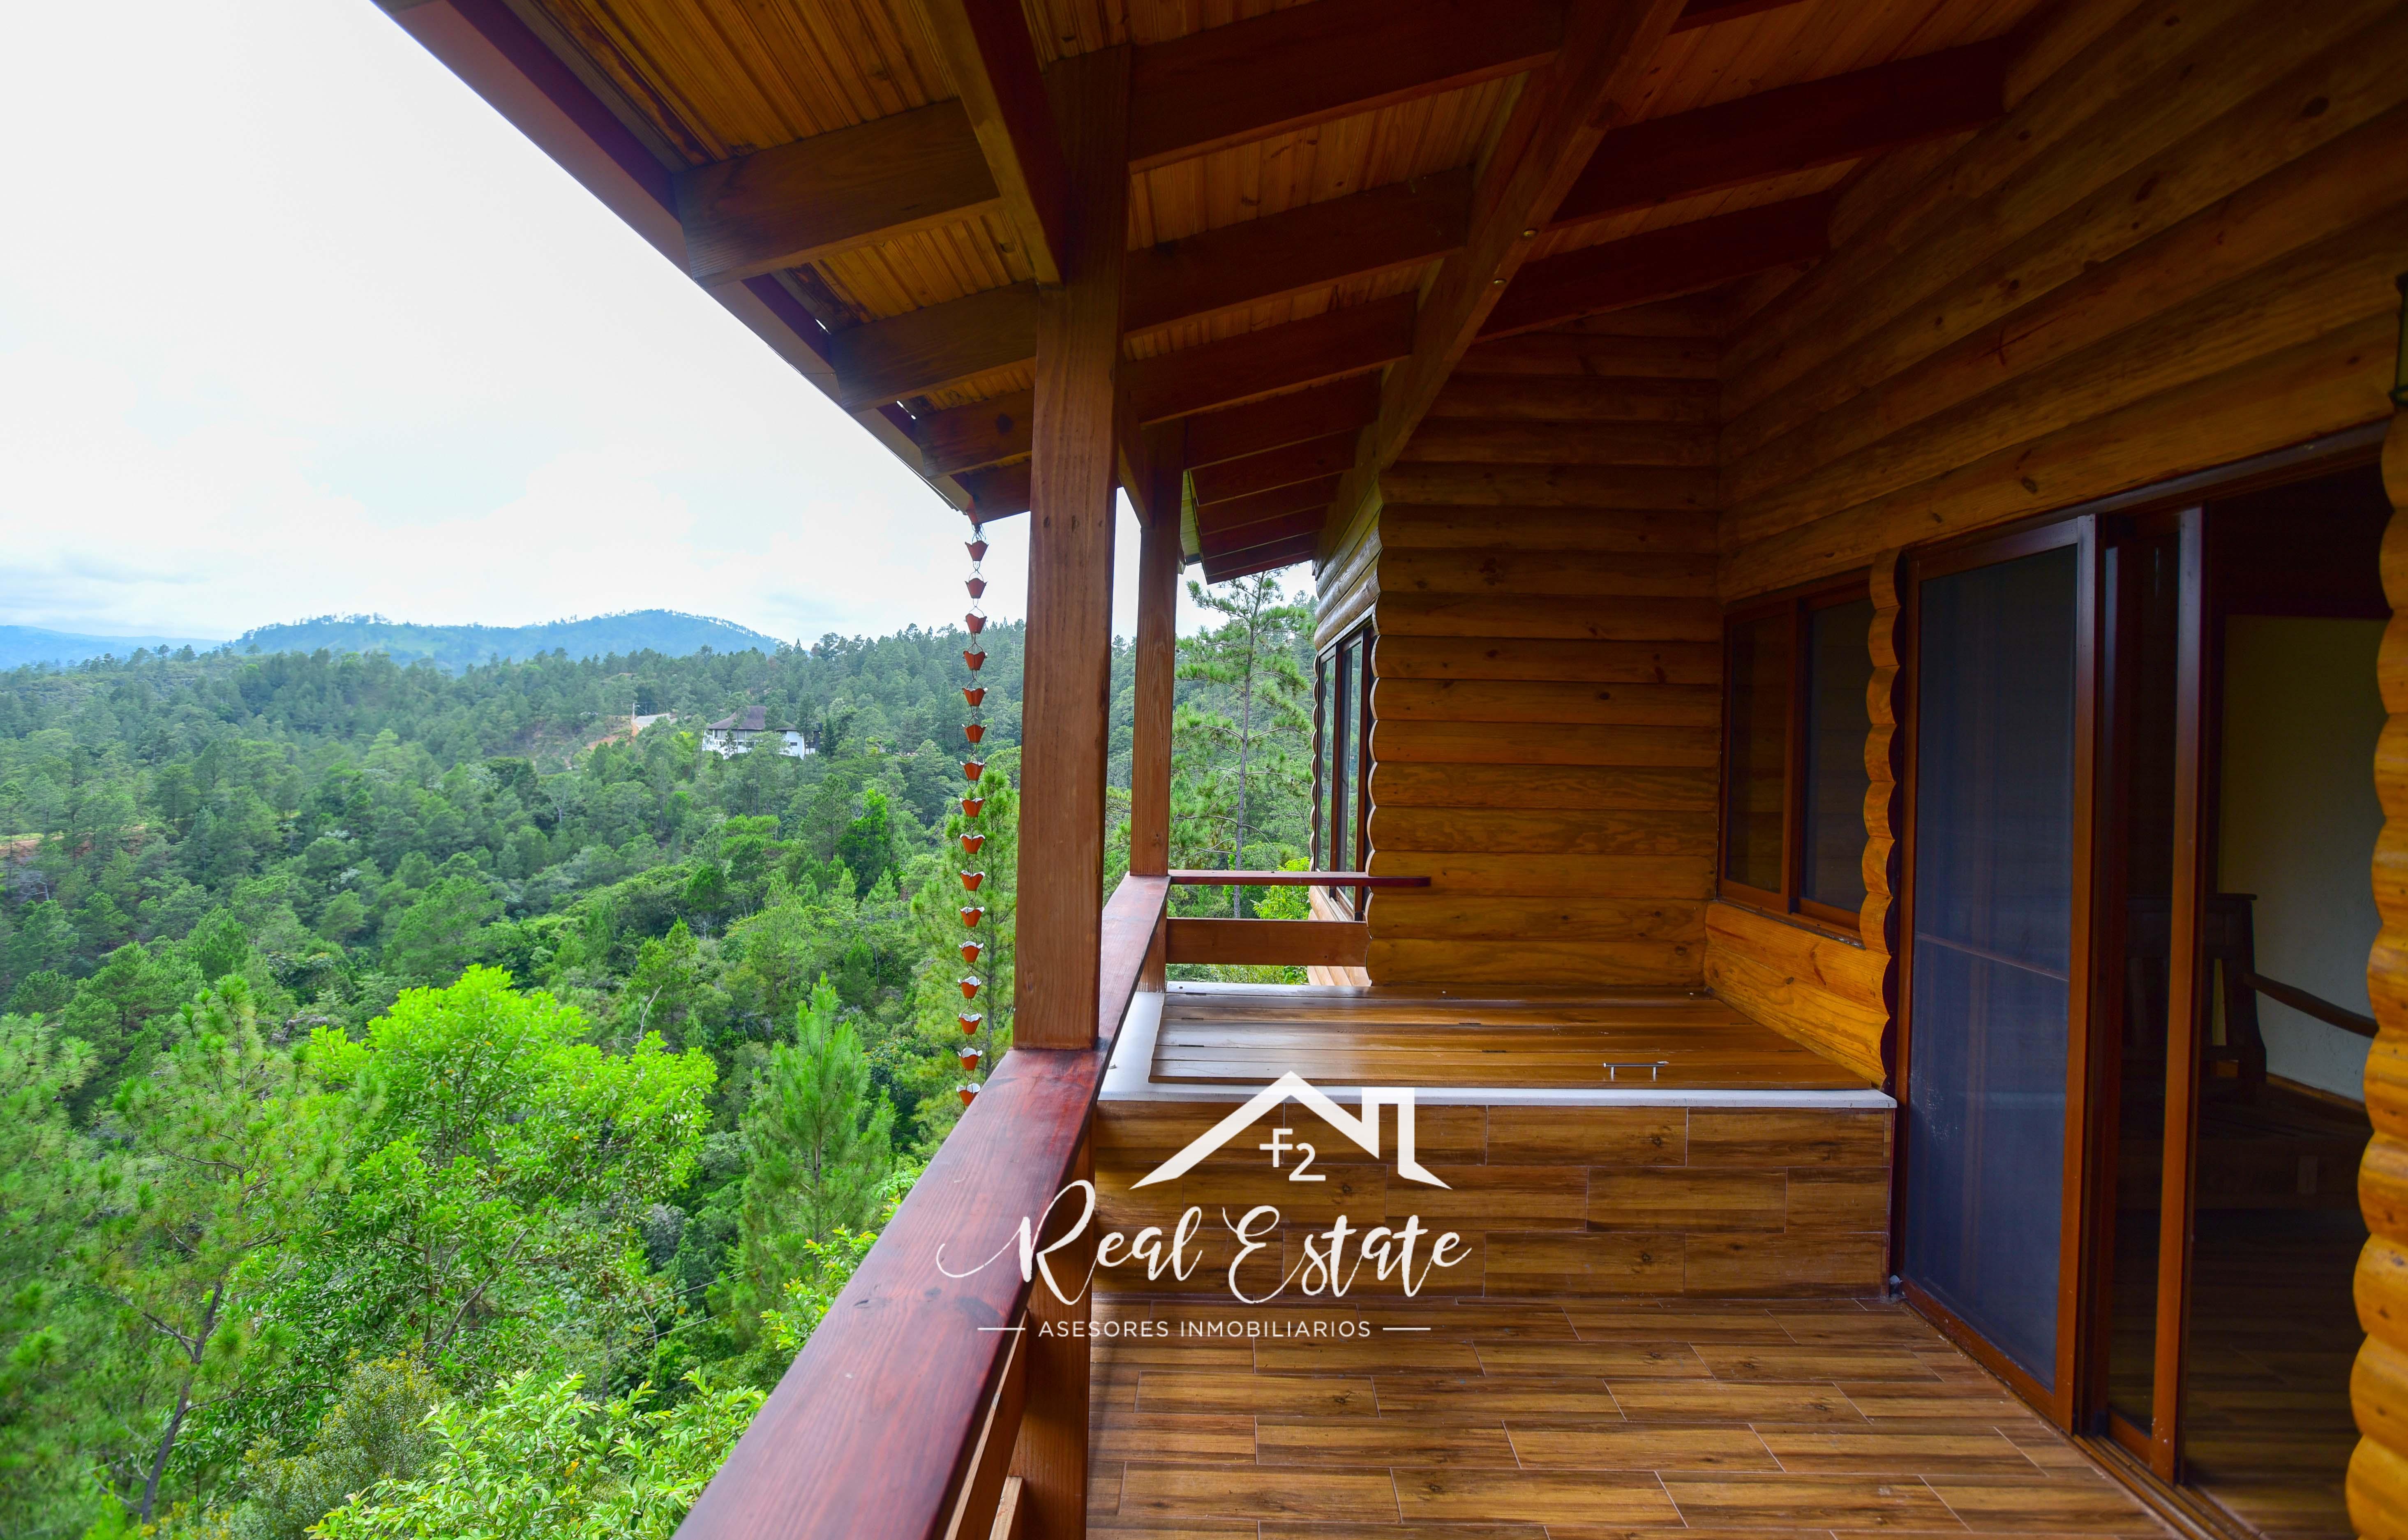 Alquiler Espectaculares Caba As Jardines De Ori N La Pi A  # Muebles En Nagua Republica Dominicana